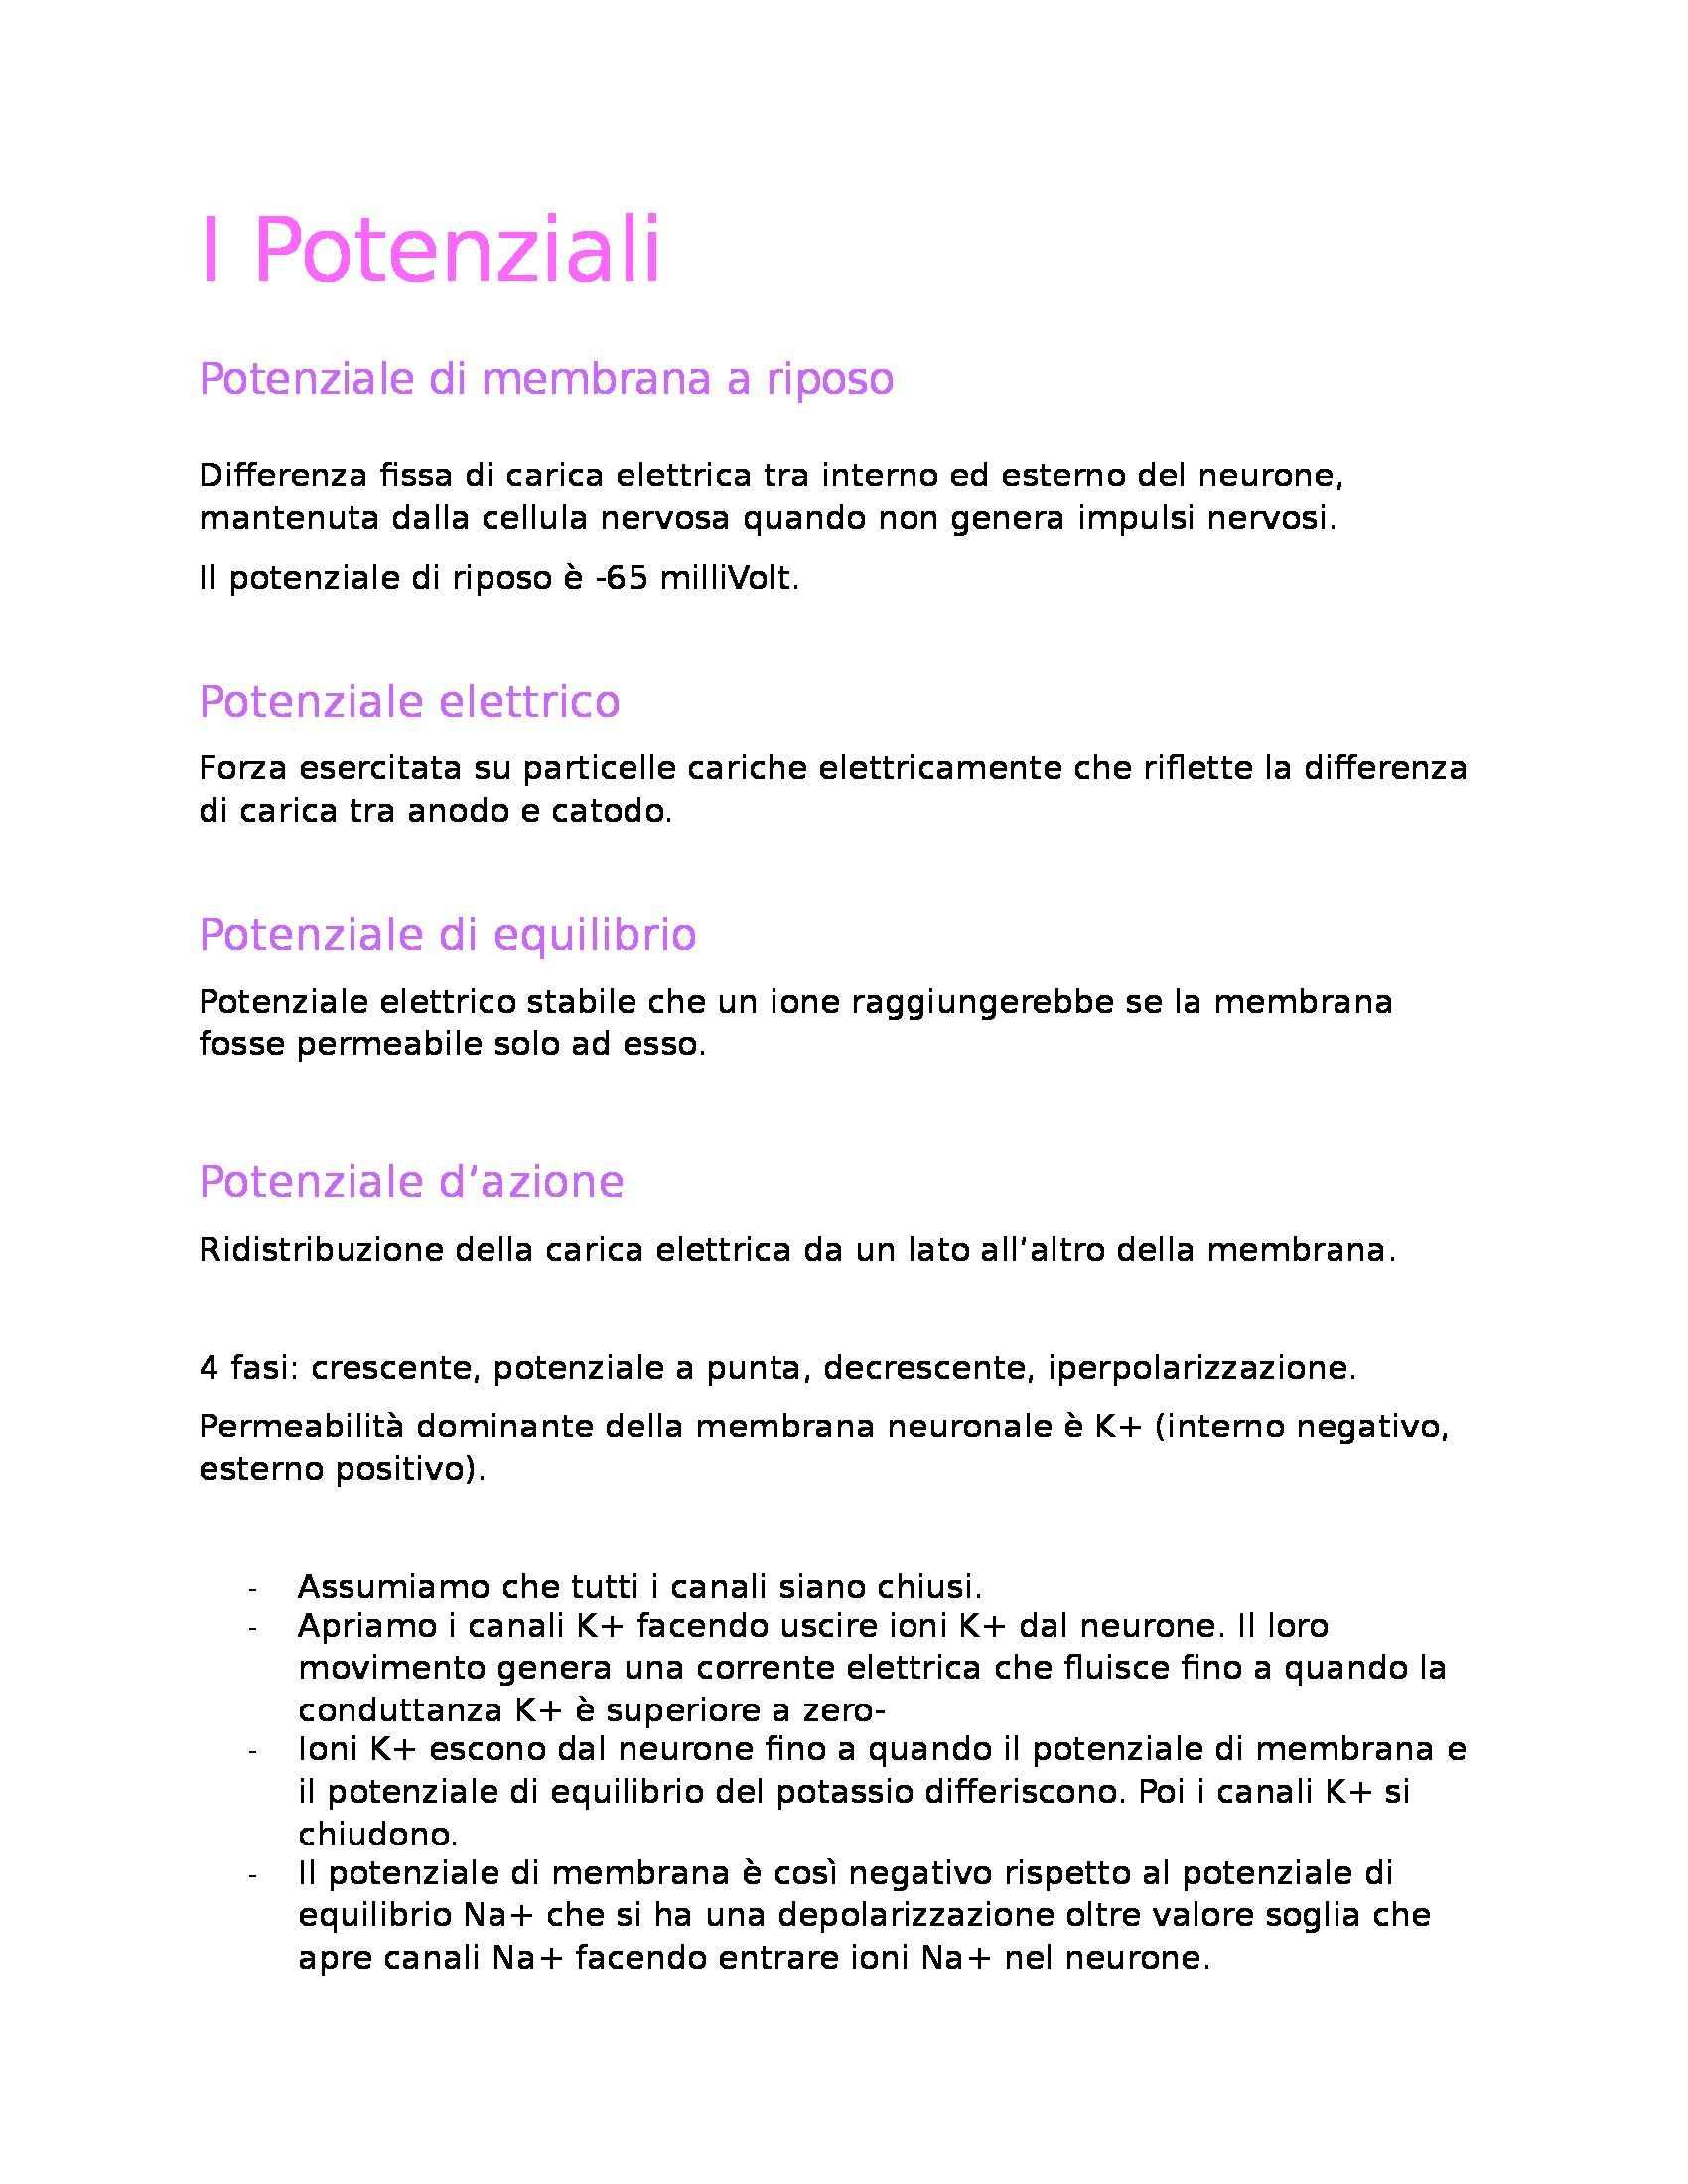 Fondamenti anatomo-fisiologici dell'attività psichica - potenziali